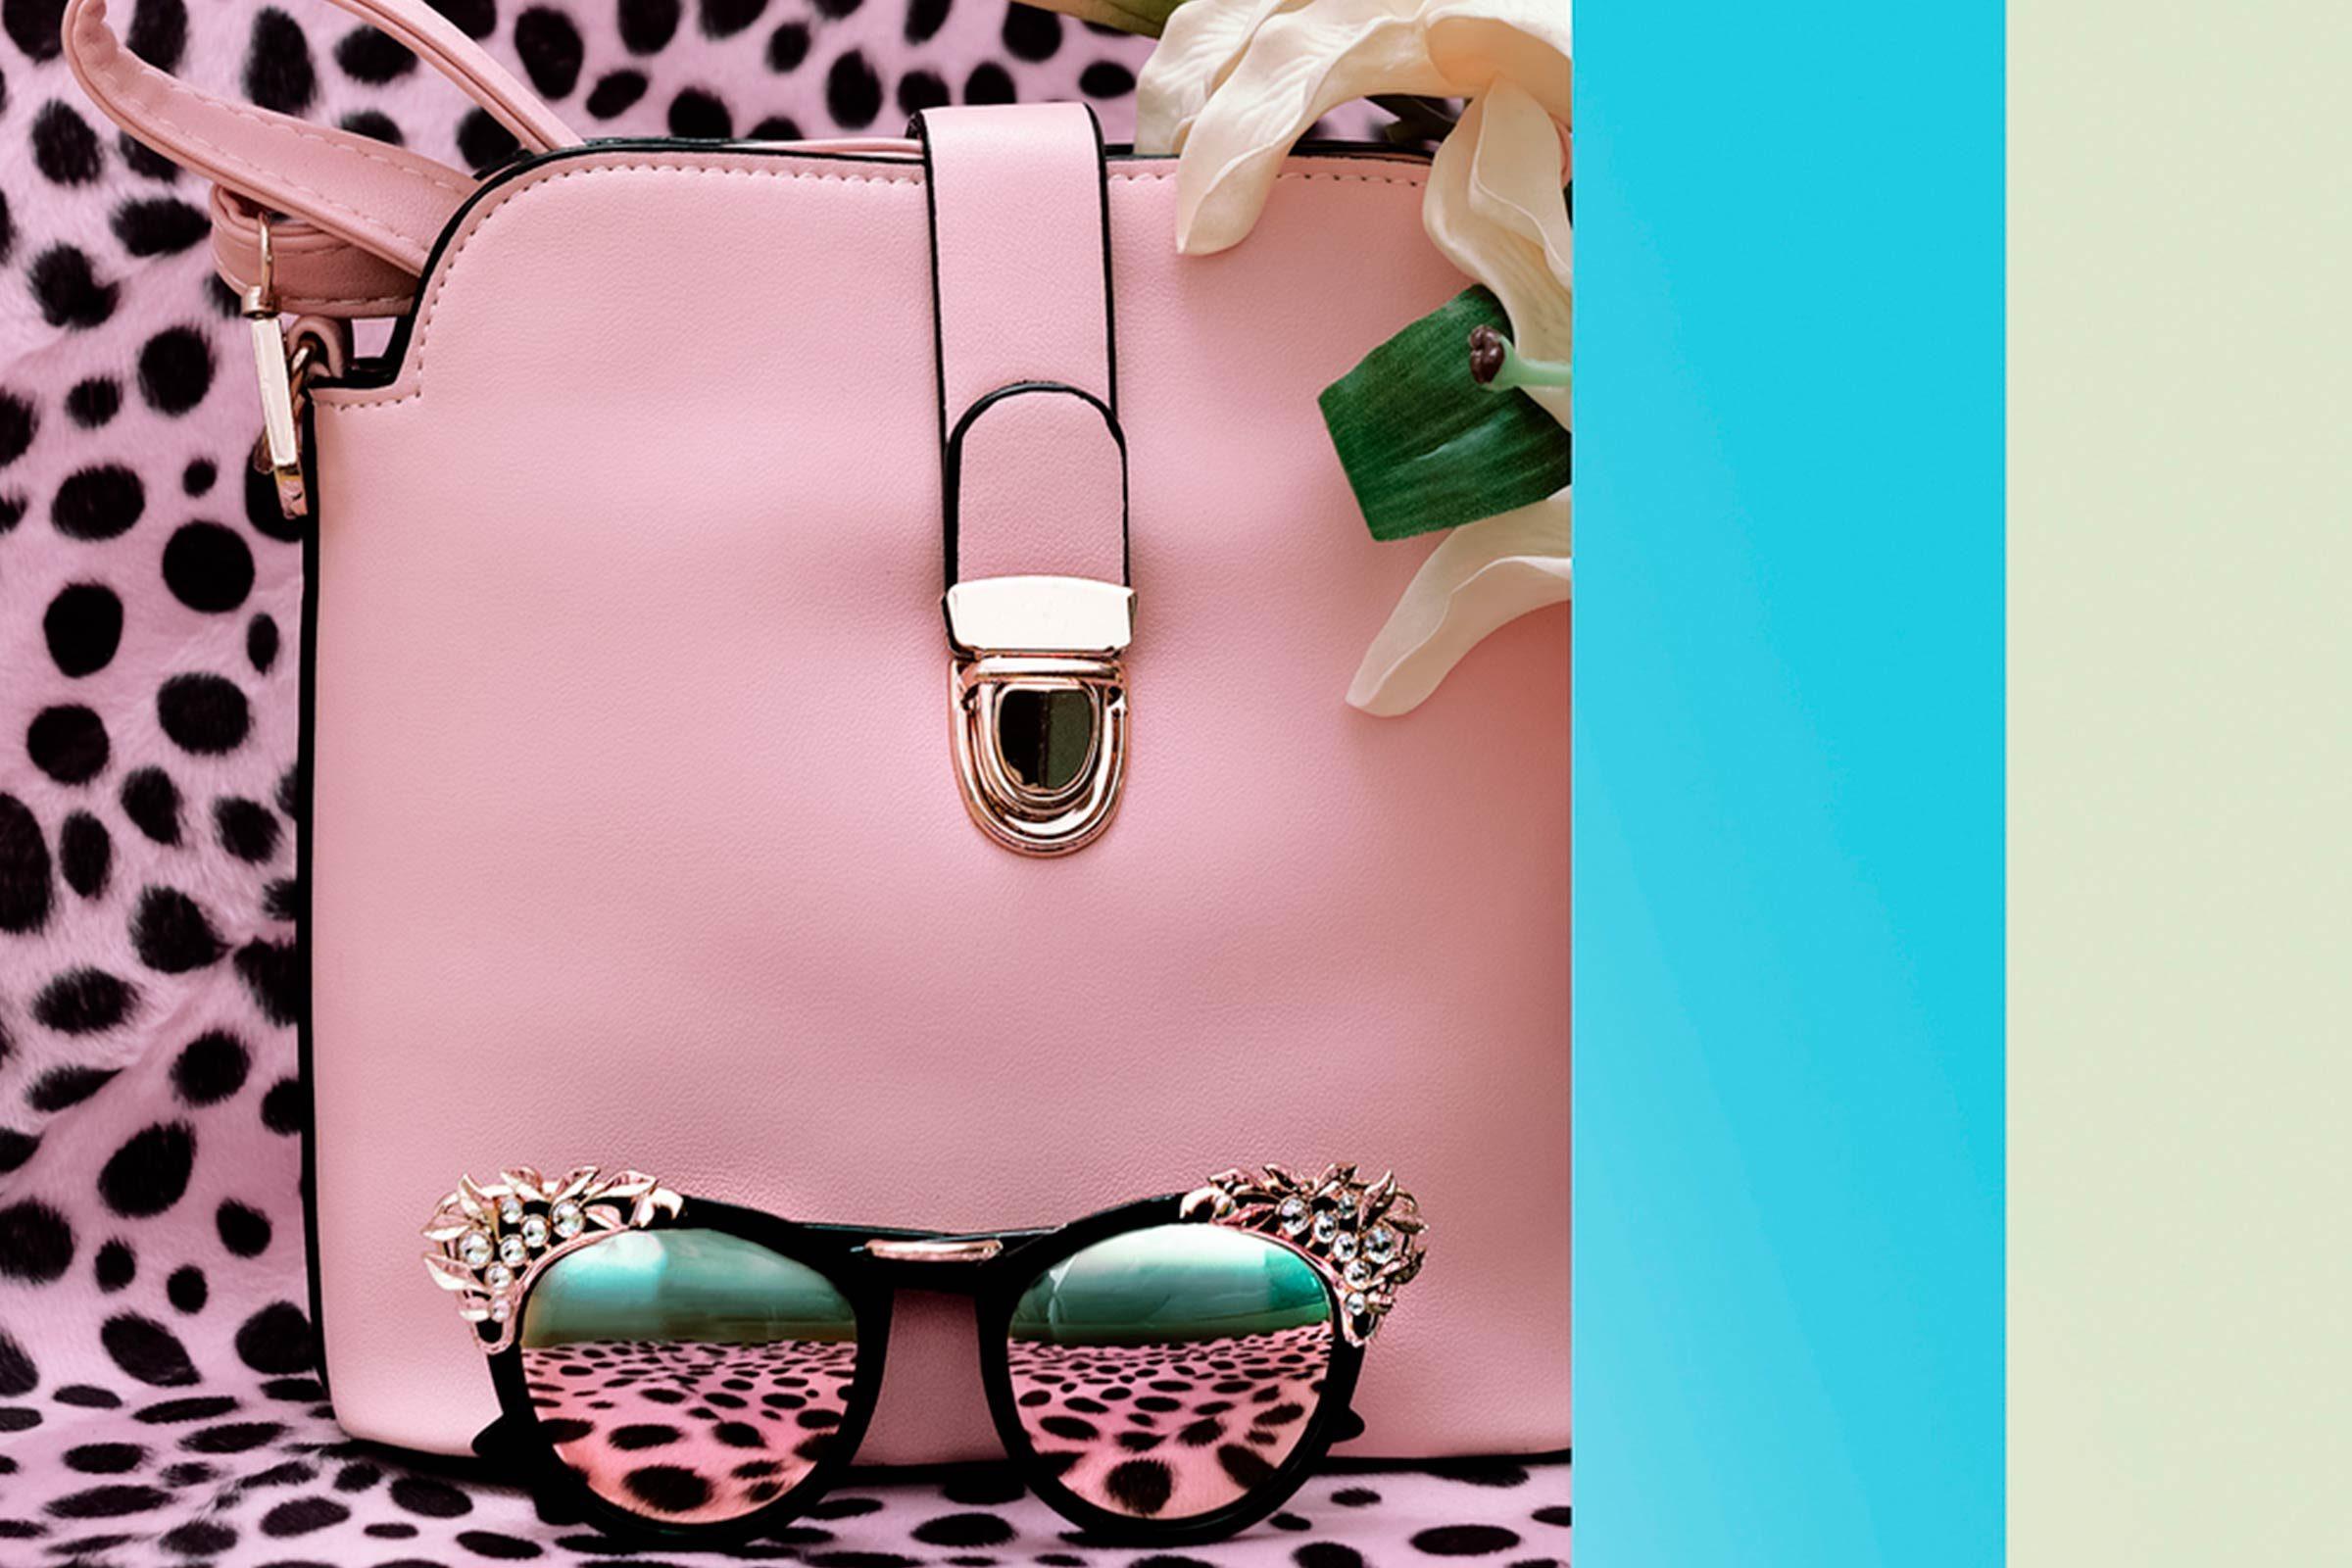 Séparez vos articles dans votre sac, pour éviter les problèmes de dos